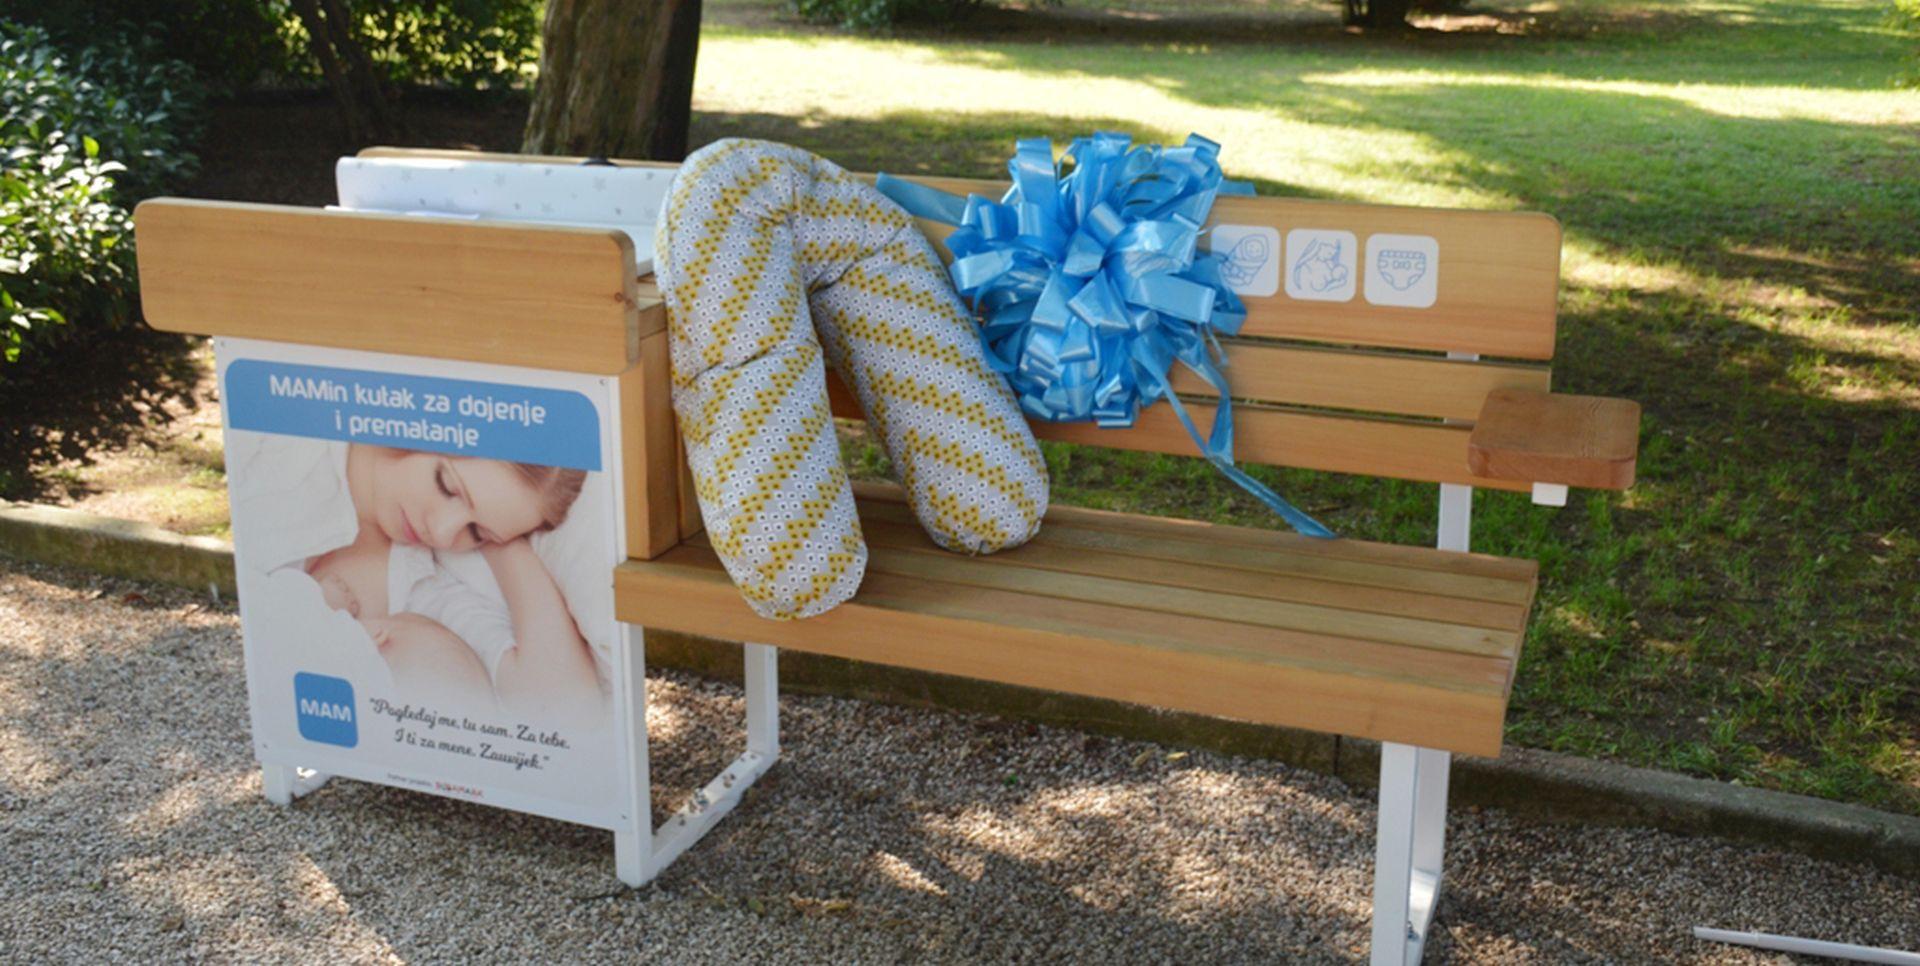 Prva MAM klupica za dojenje u Puli